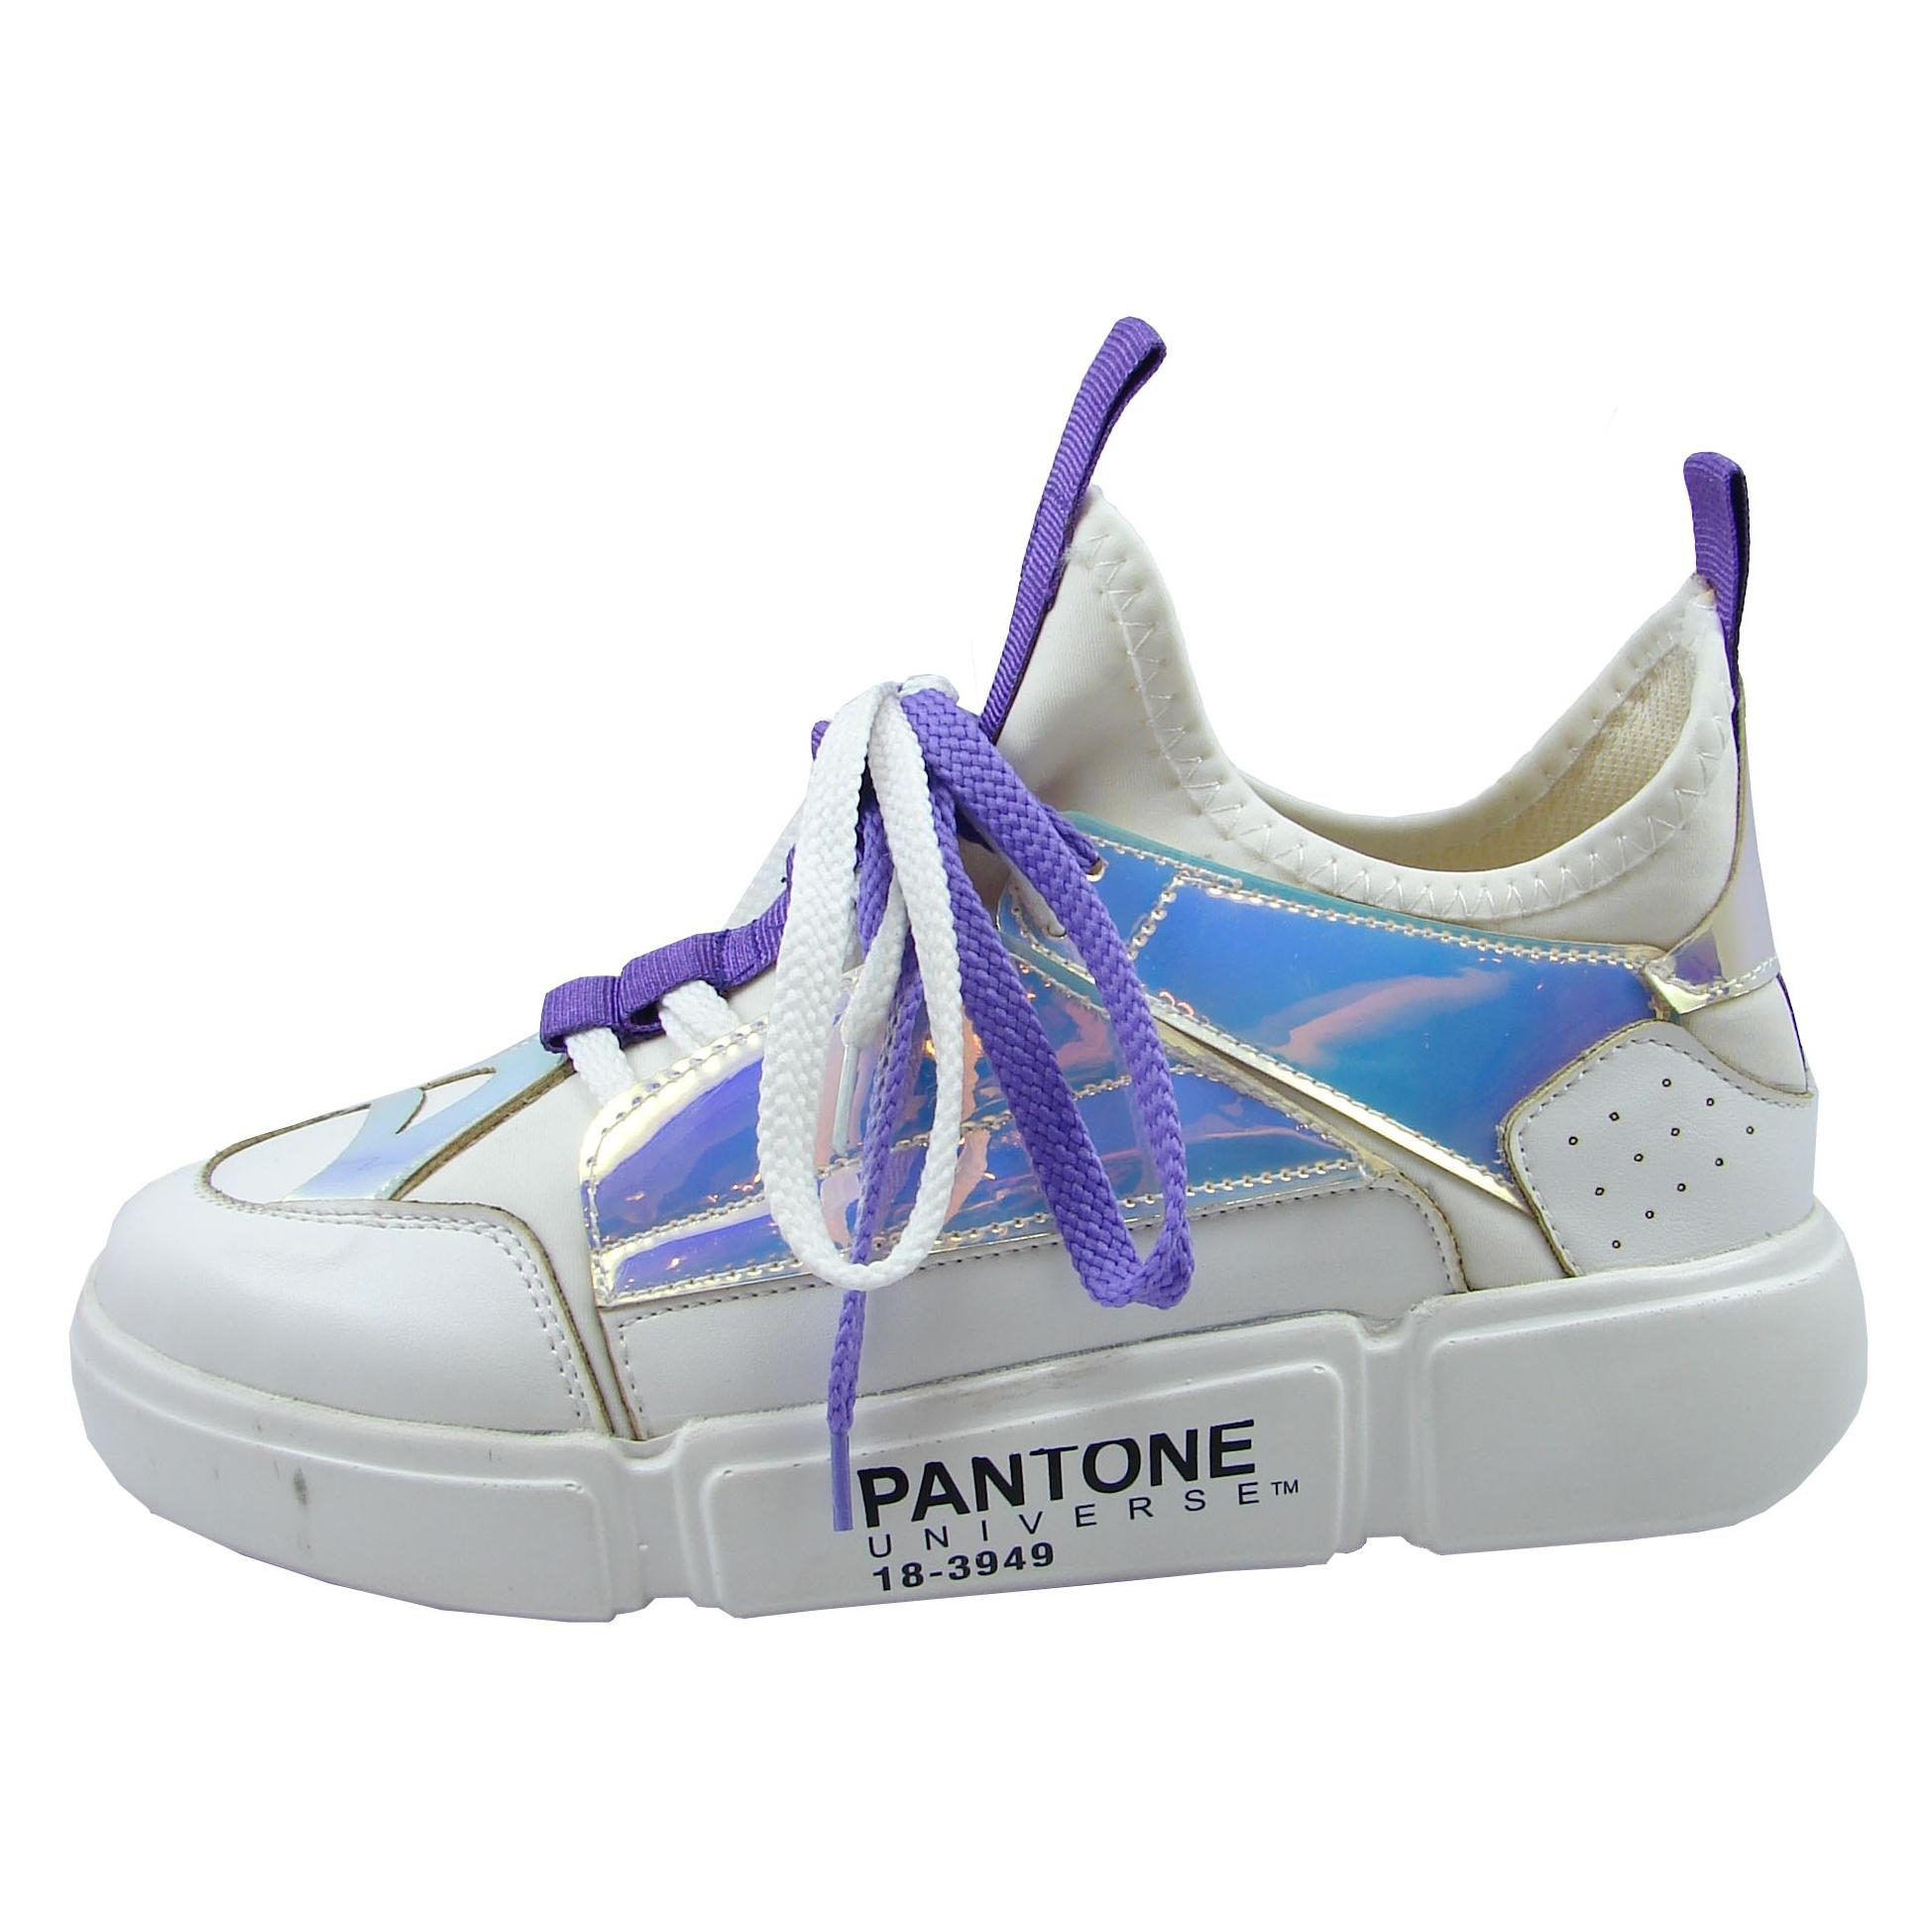 کفش مخصوص پیاده روی زنانه پانتون کد 0005